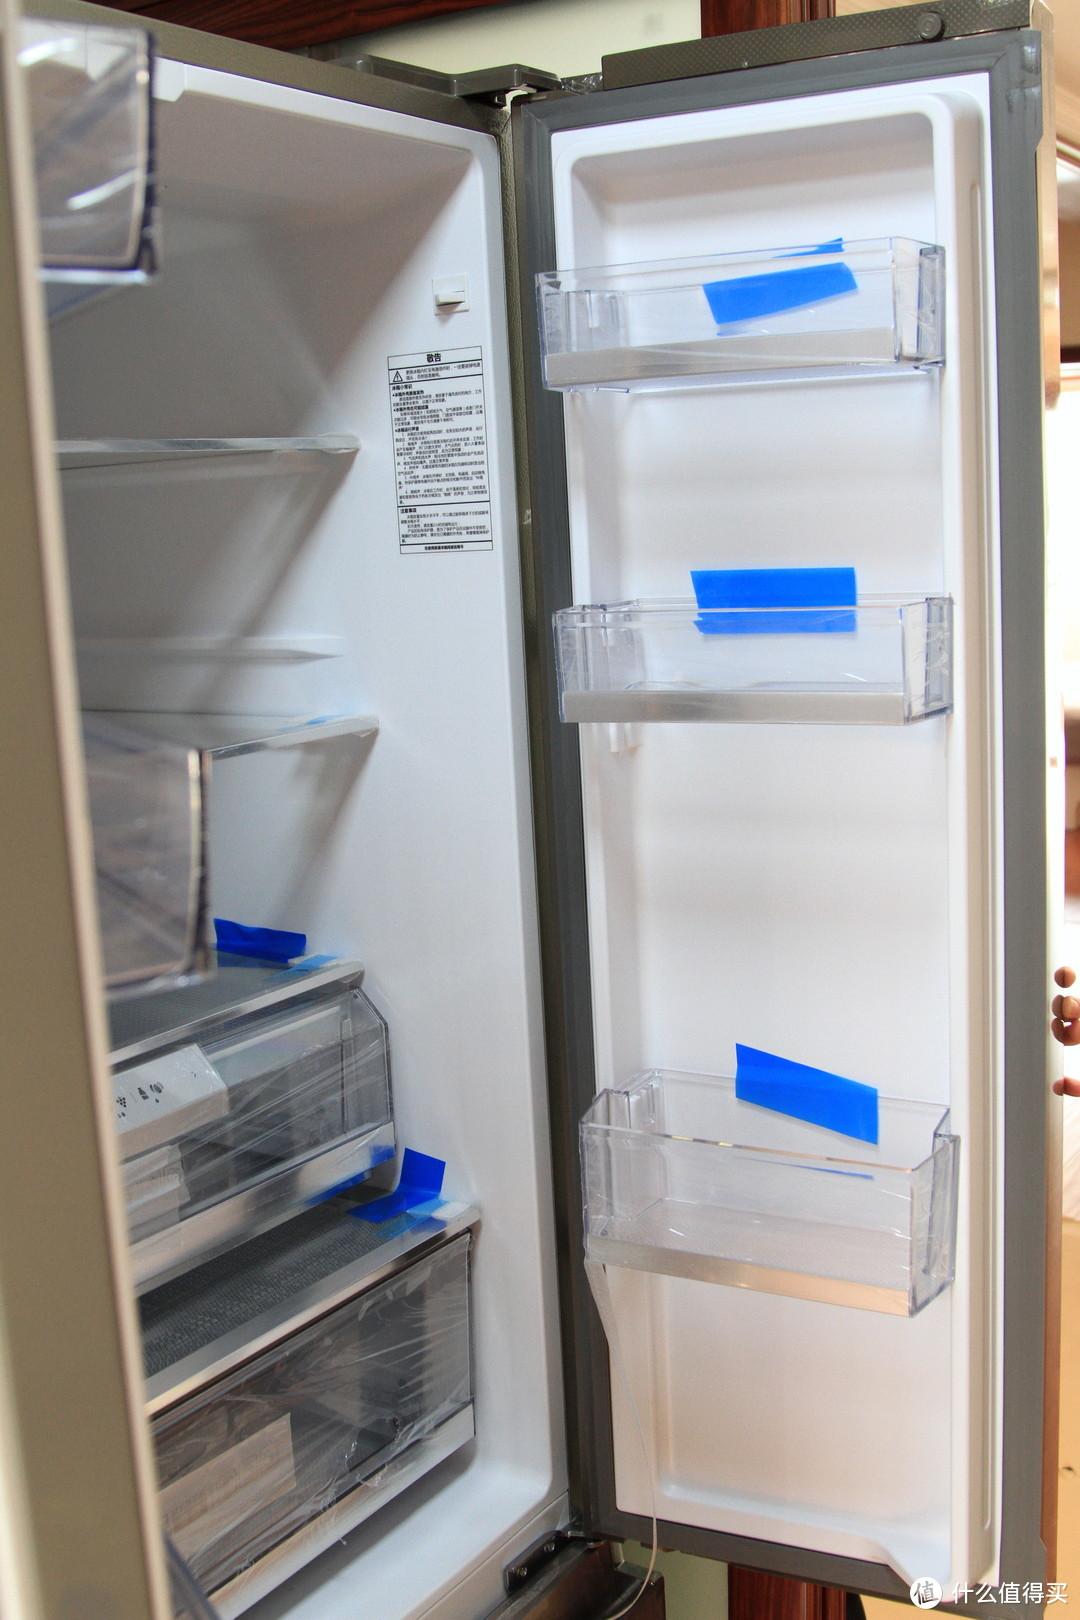 #晒单大赛#海尔(Haier)BCD-440WDPG 440升变频风冷无霜法式多门冰箱选购历程